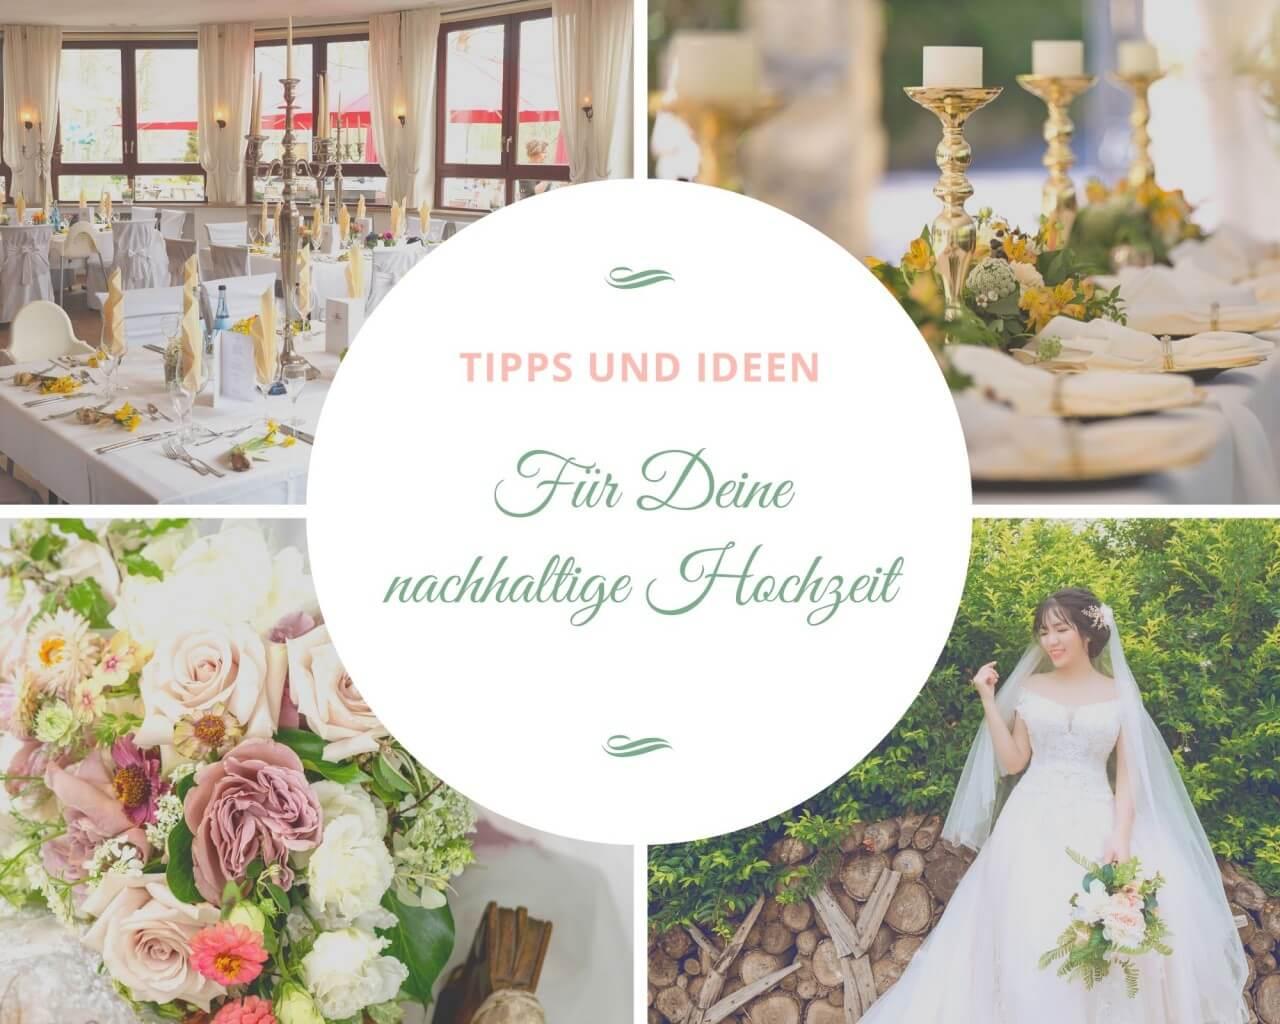 Nachhaltige-Hochzeit-feiern